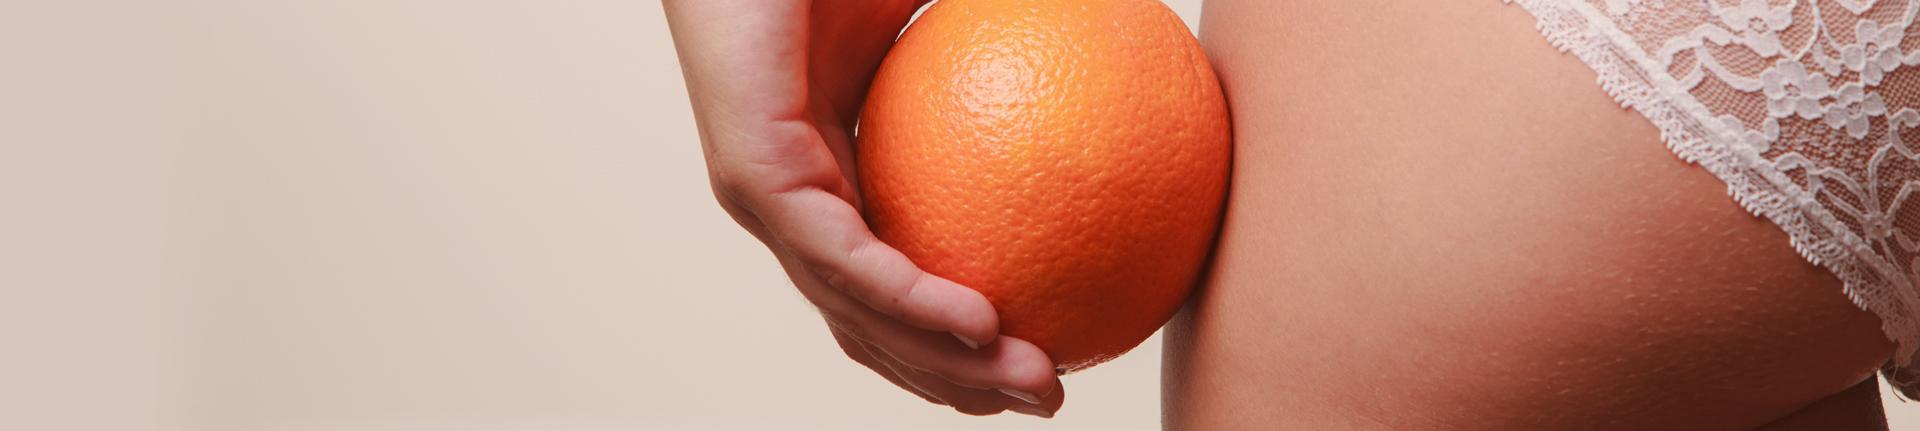 Celulite e alimentação